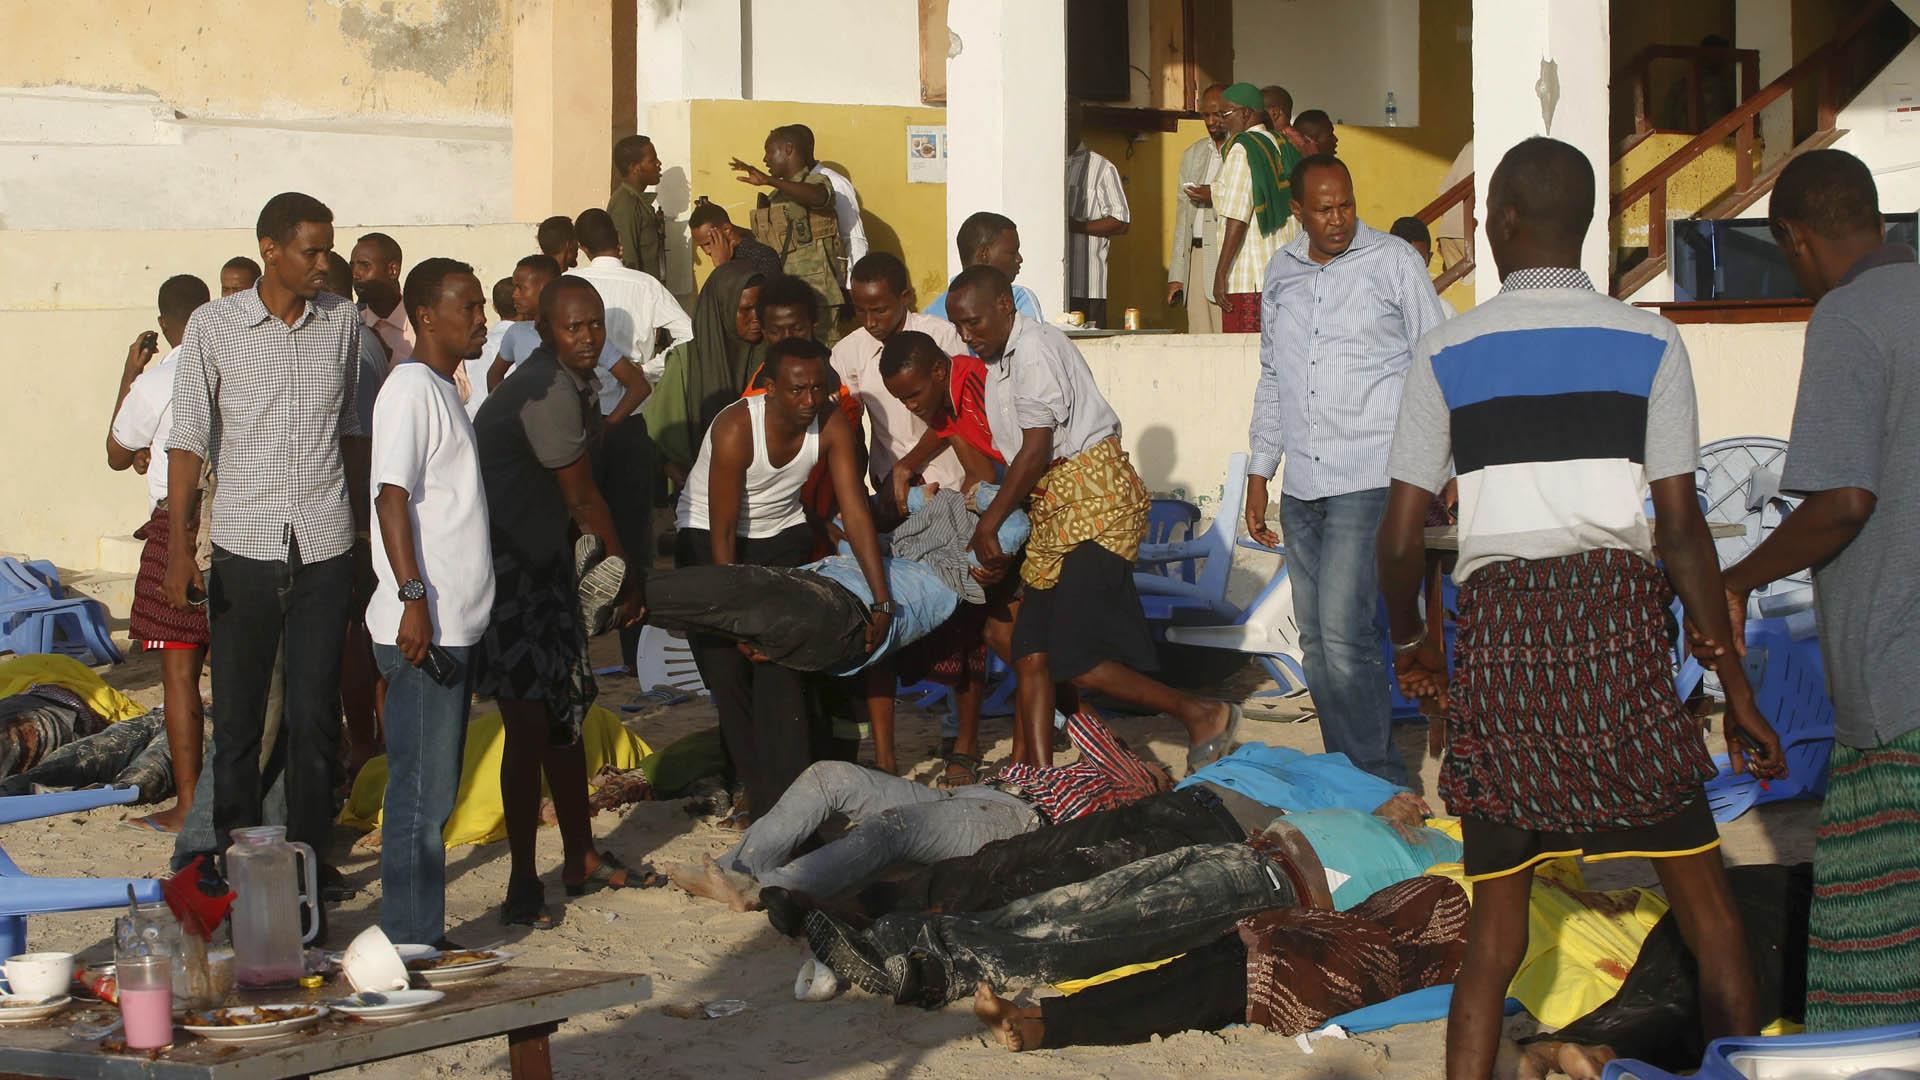 La milicia terrorista Al Shabaab, responsable del asalto, tiene nexos con las redes Al Qaeda y Boko Haram